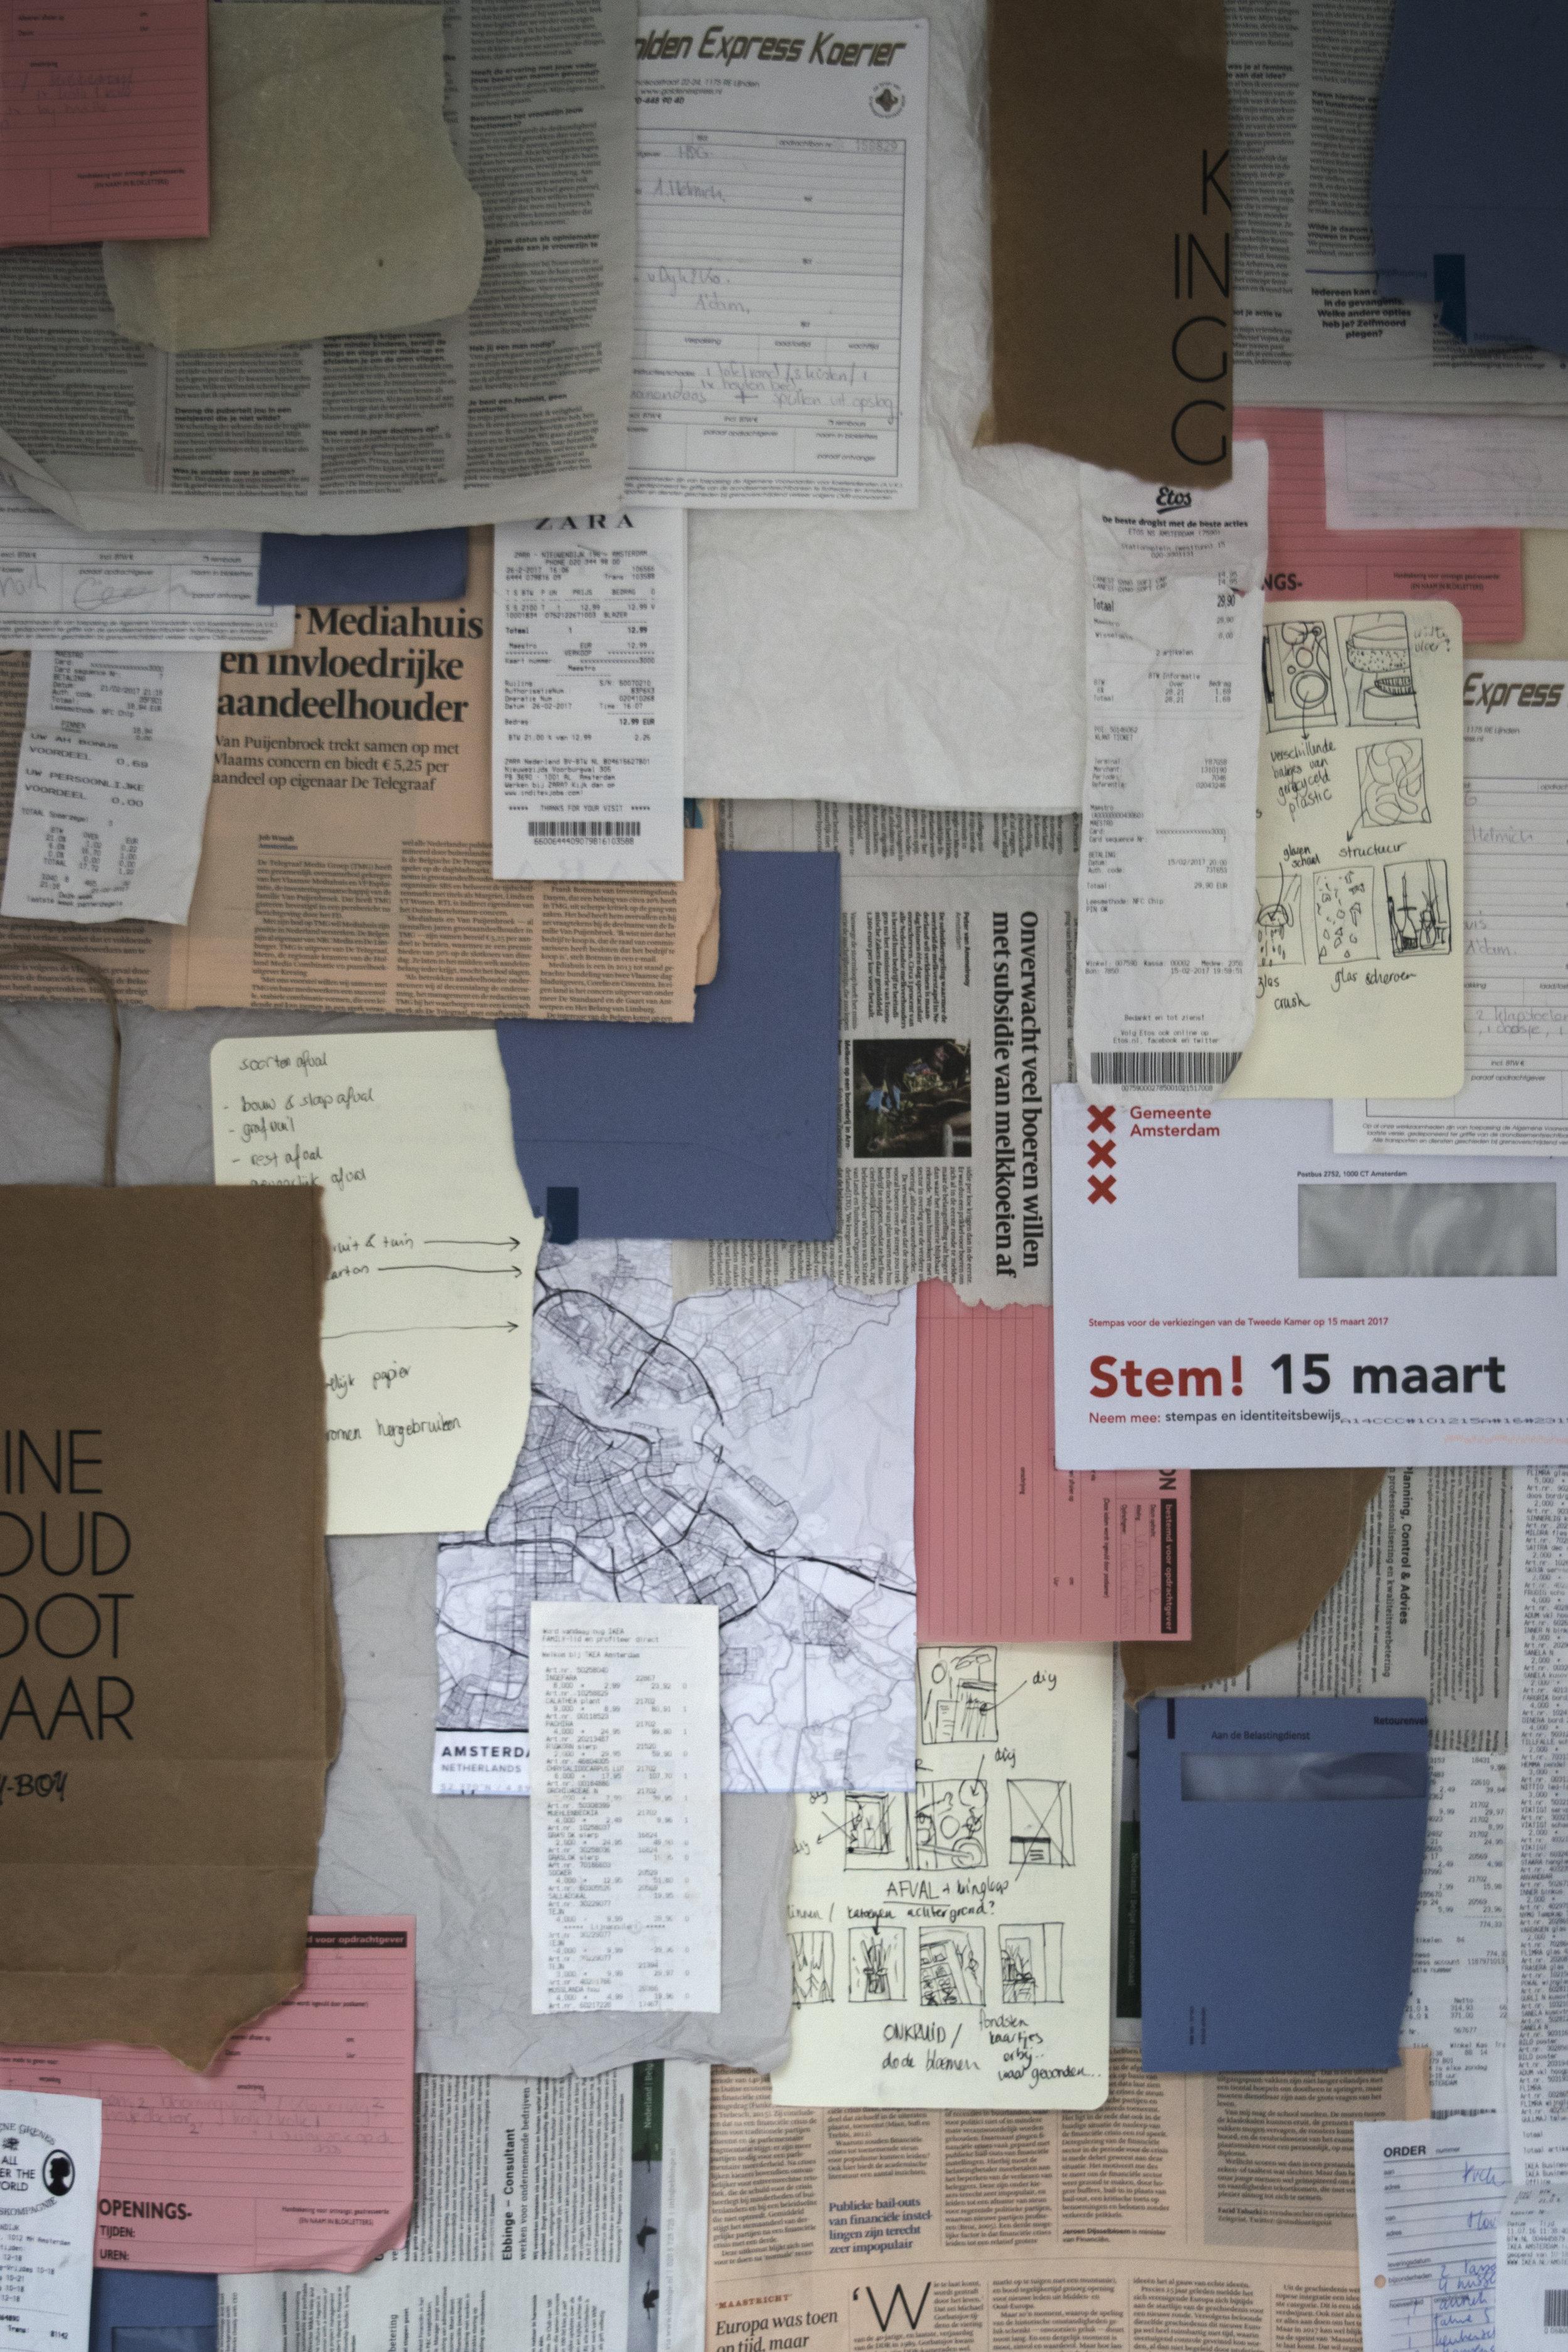 Papier (afval combinatie van de Spuistraat, Herengracht, Singel Amsterdam, StyleCookie)